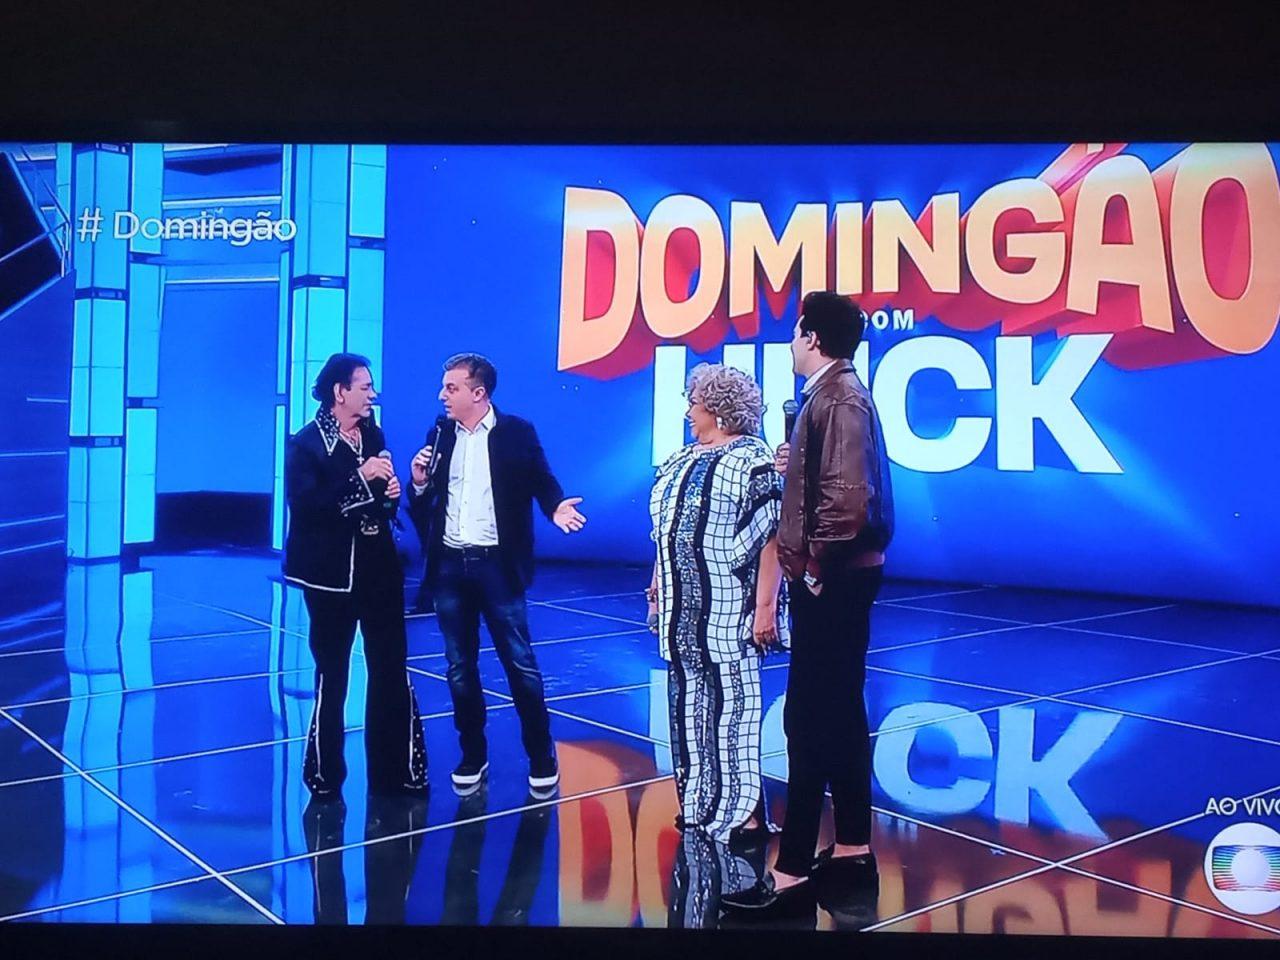 WhatsApp Image 2021 09 05 at 20.56.25 scaled - Domingão com Huck: Luciano visita à Paraíba para contar história e realizar sonho de sertanejo; confira